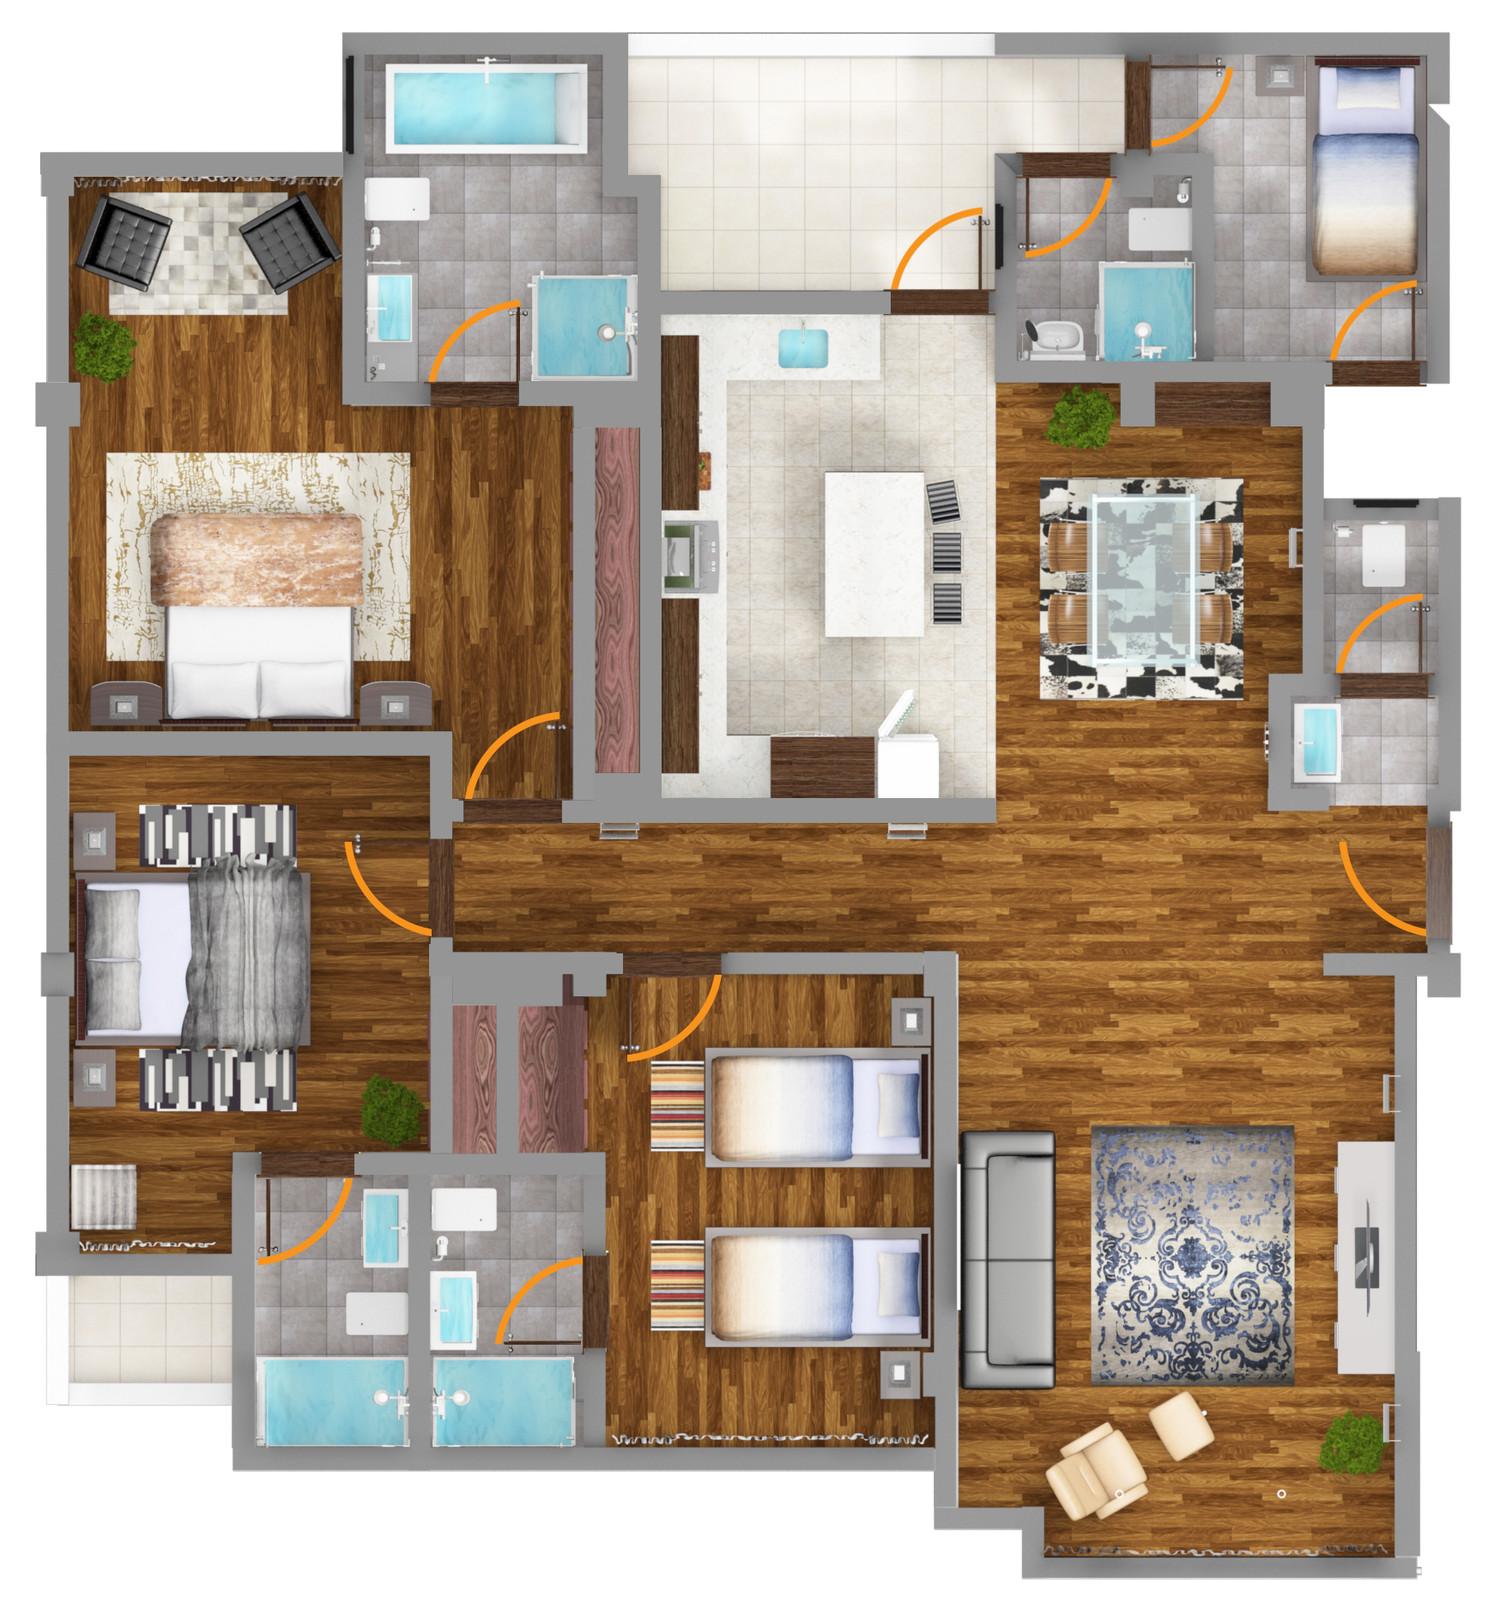 3d floor plan rendering by gesora envato studio for 3d floor plan rendering